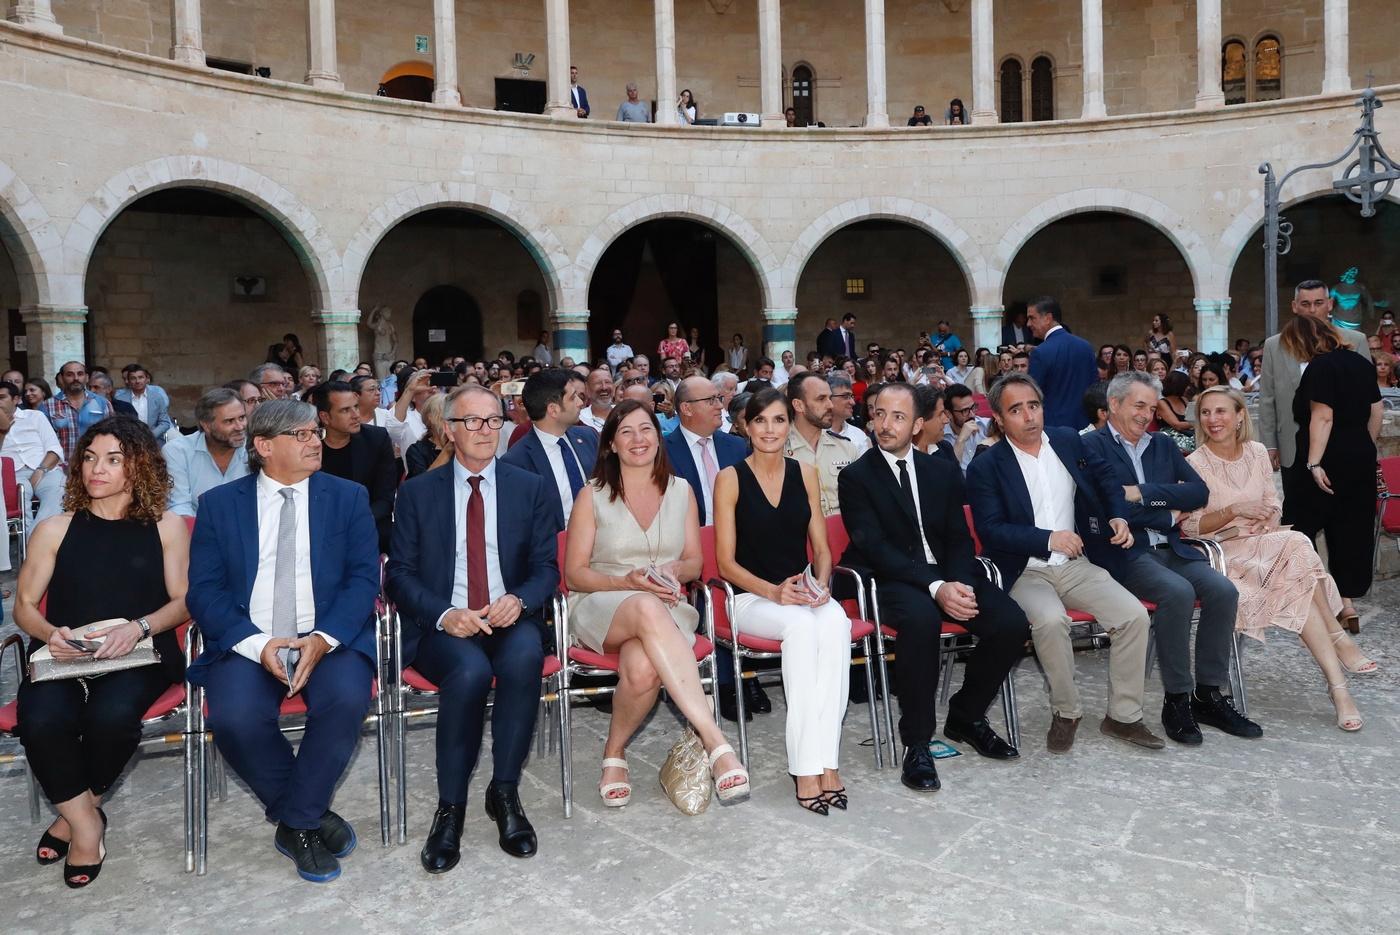 La audiencaia en el Patio de Armas en el Castillo de Bellver durante la ceremonia. (Casa de S.M. el Rey)